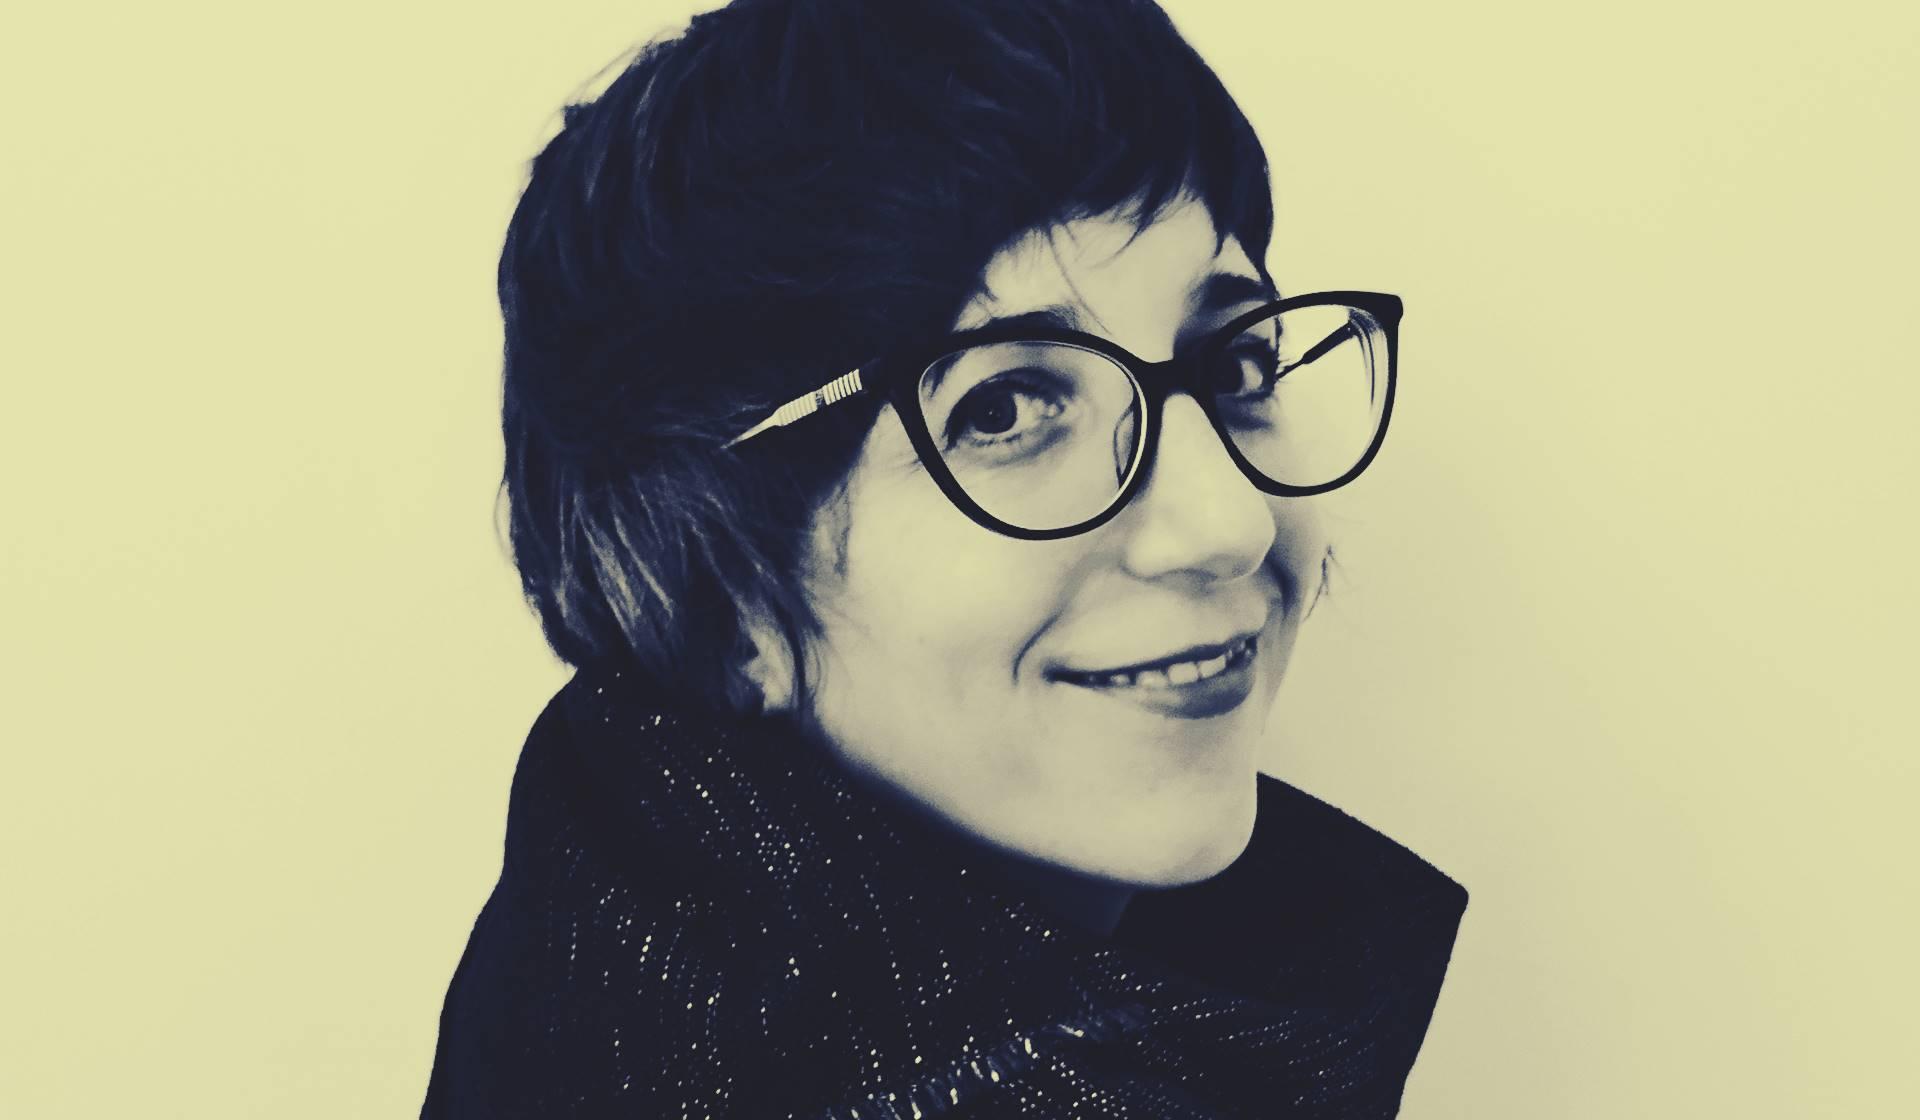 María Ptqk